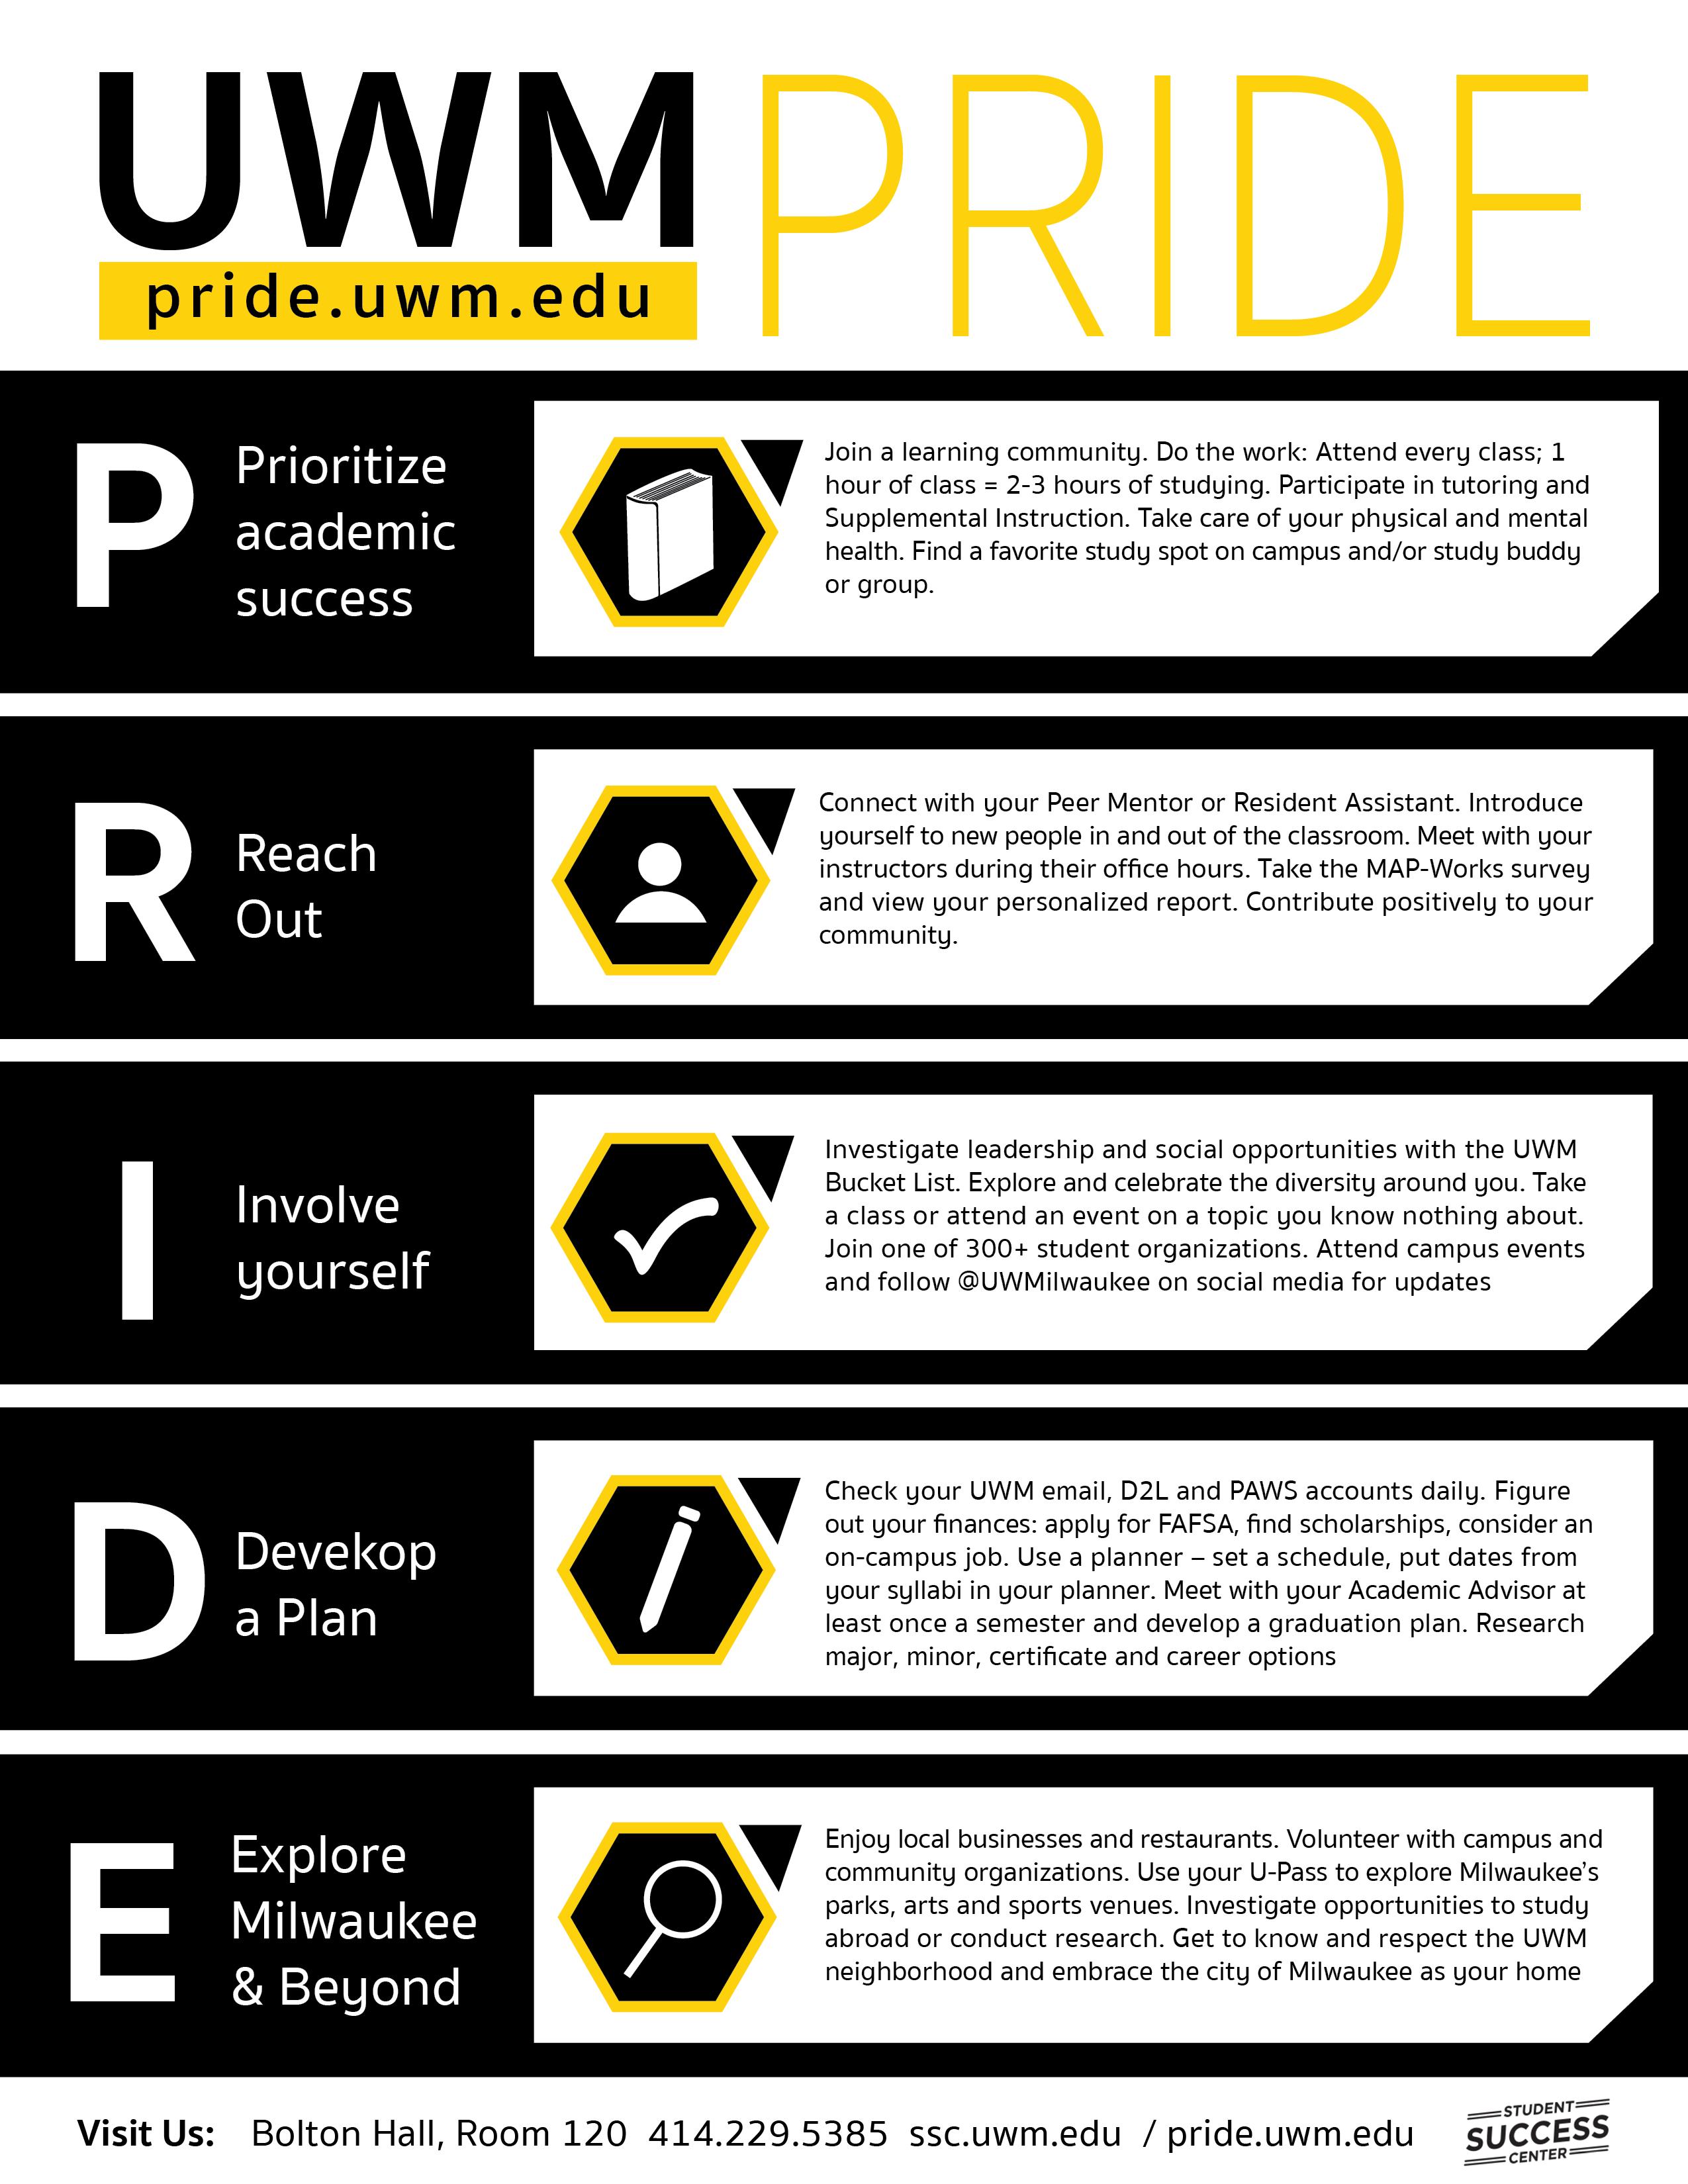 uwm pride message